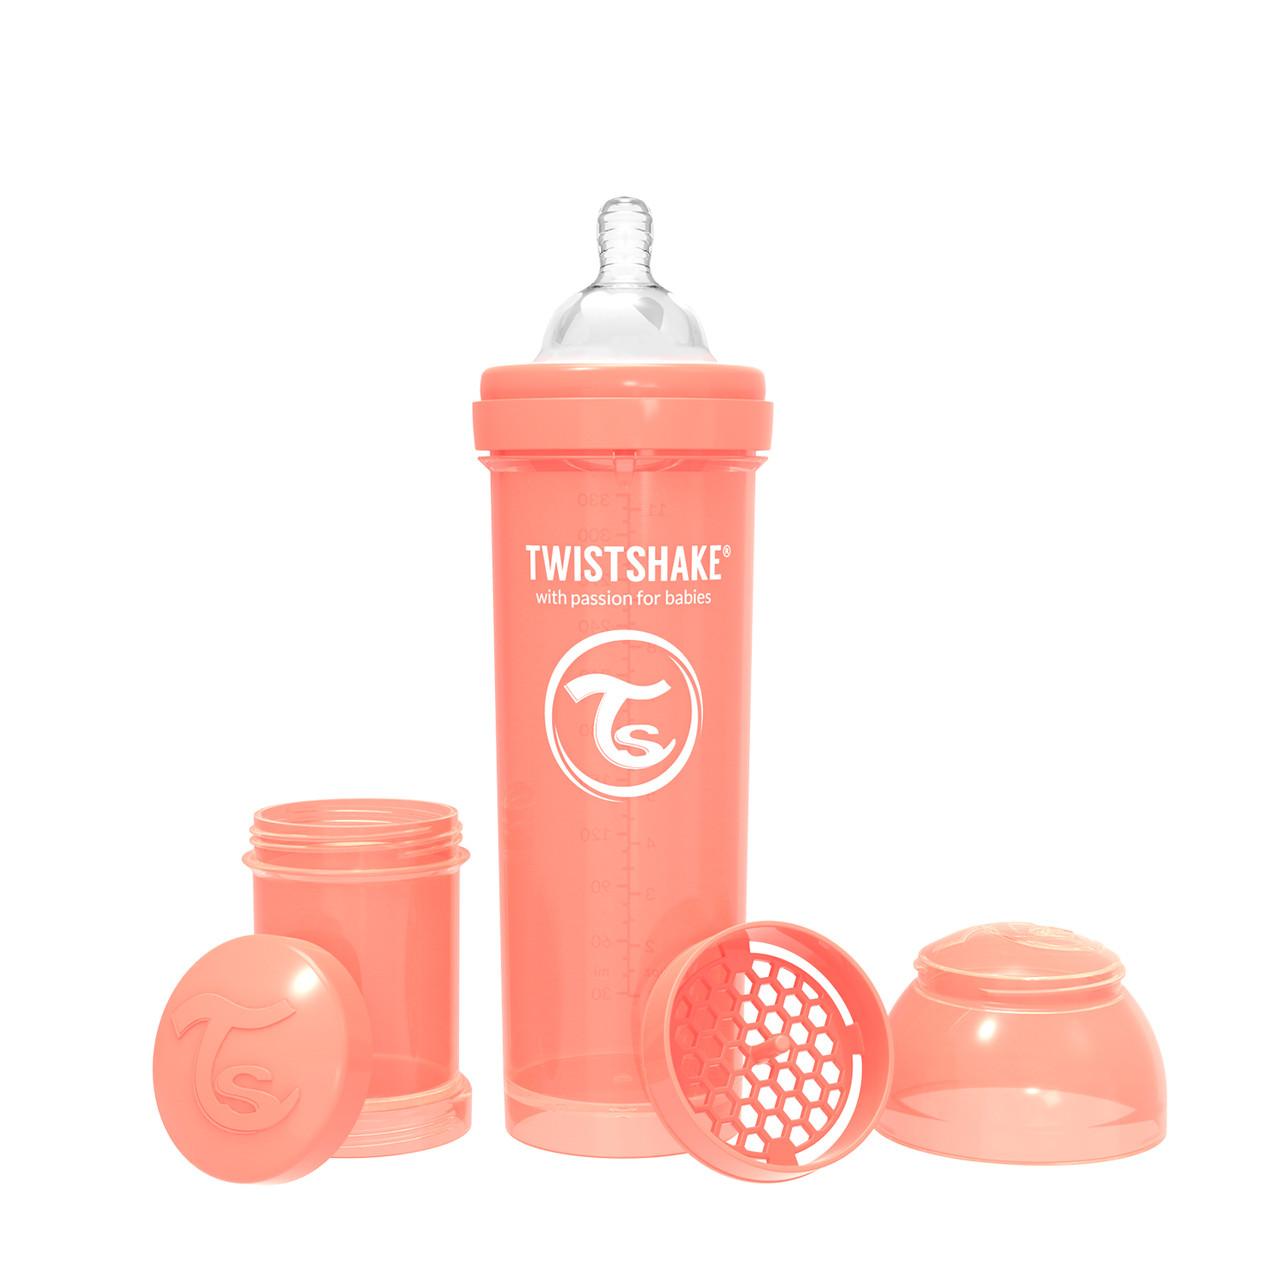 Антиколиковая бутылочка Twistshake Pastel для кормления 330 мл. Персиковая